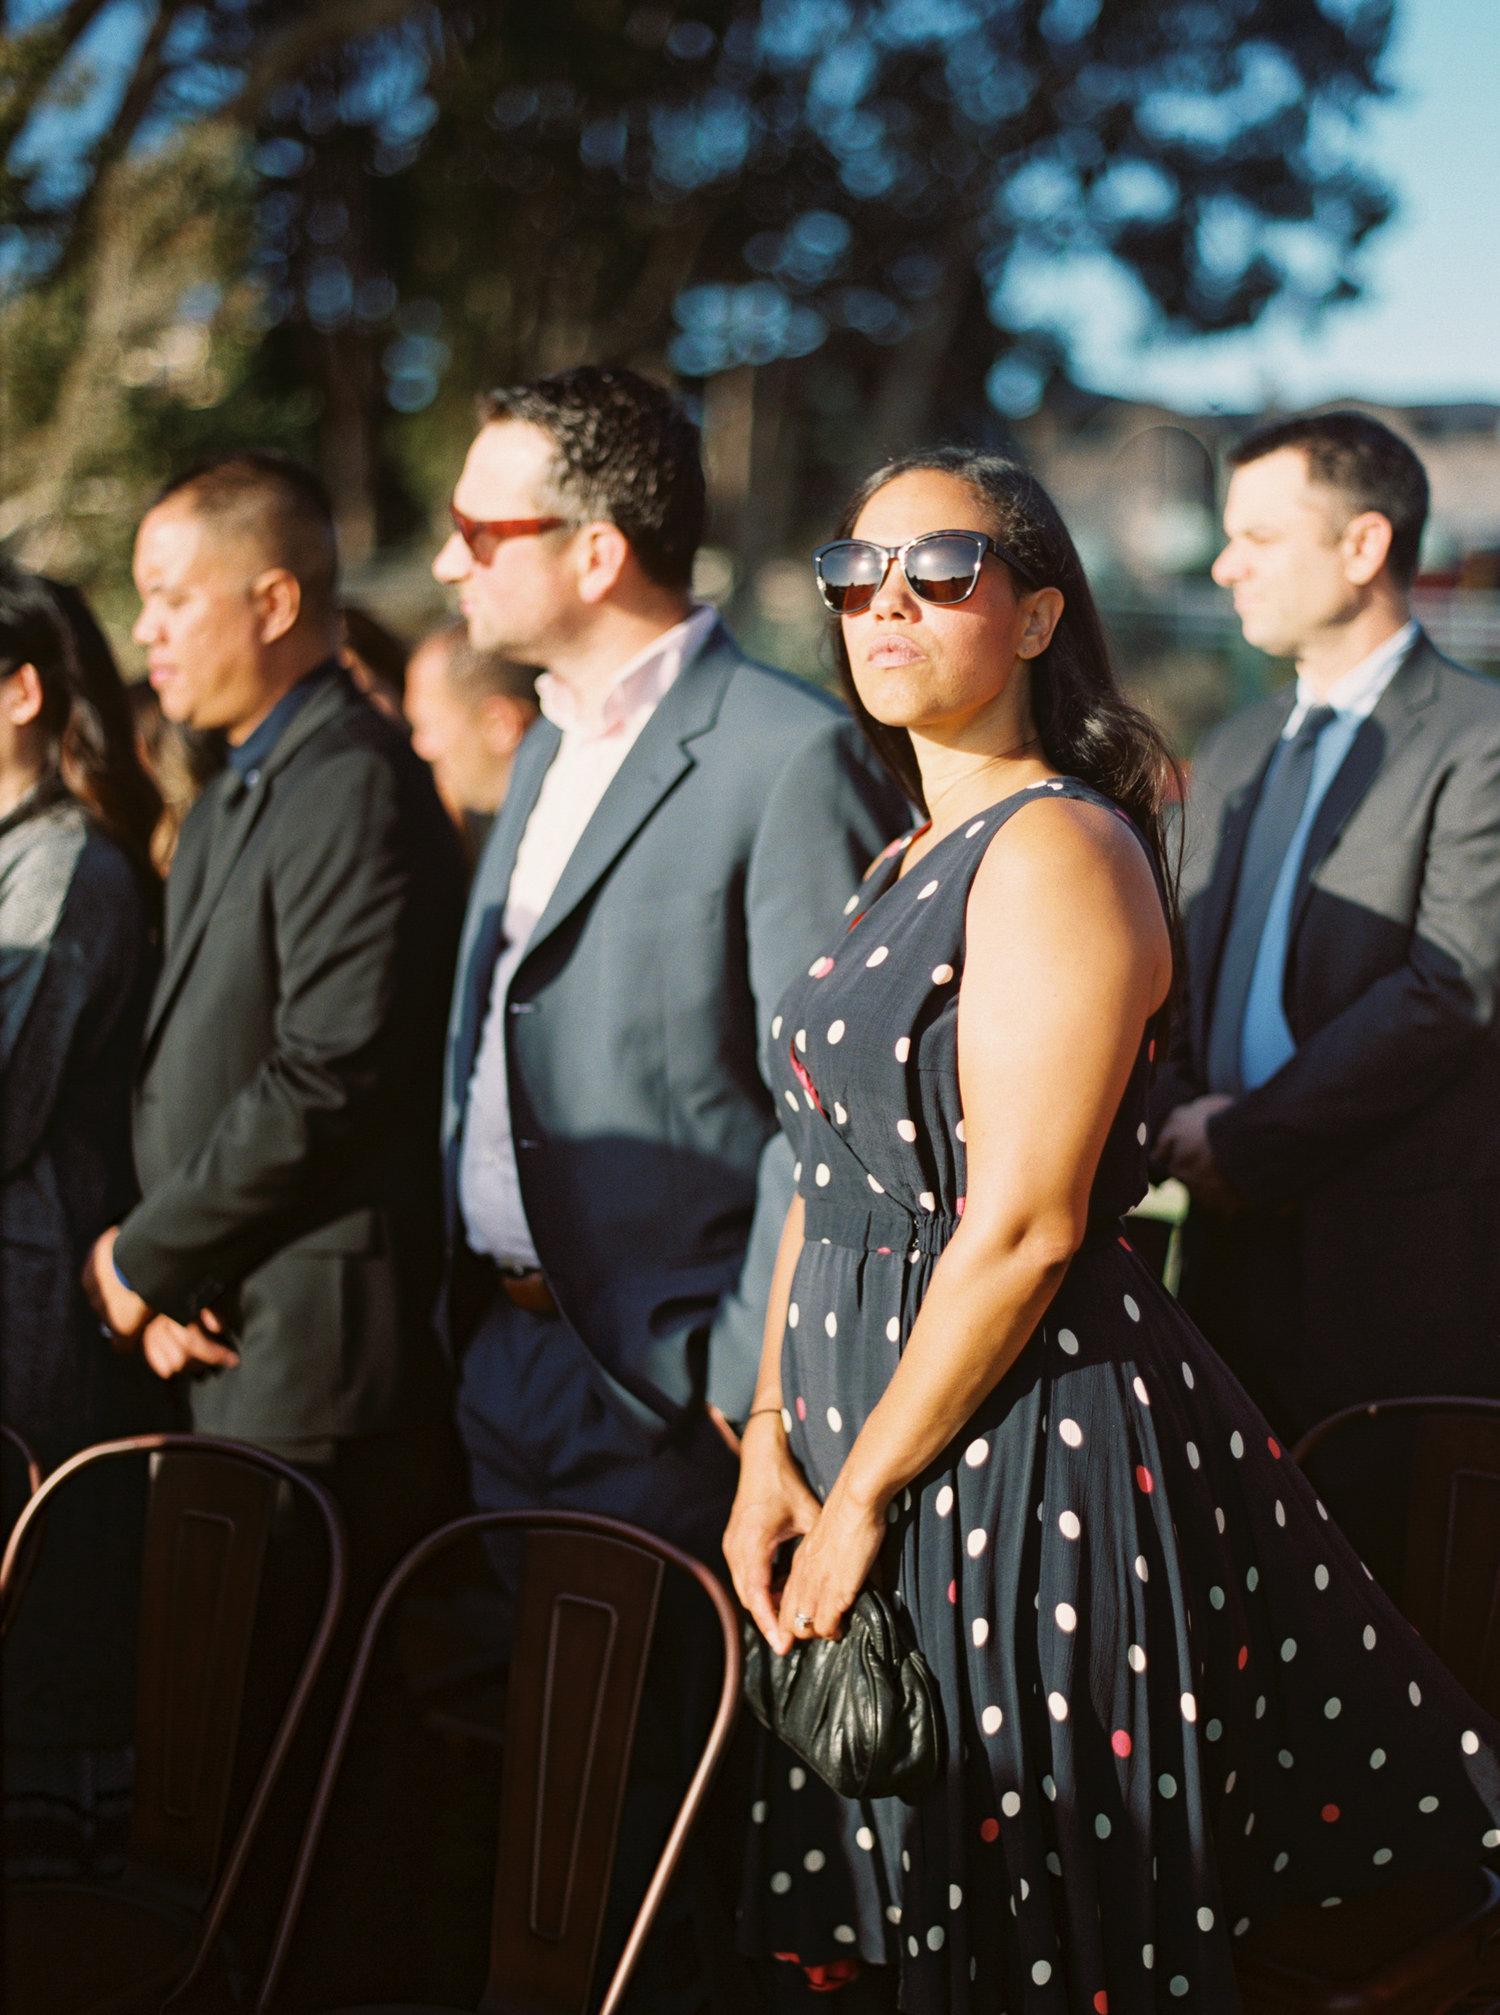 058carmel_california_destination_wedding_photography_wedding_videography_mission_ranch.jpg